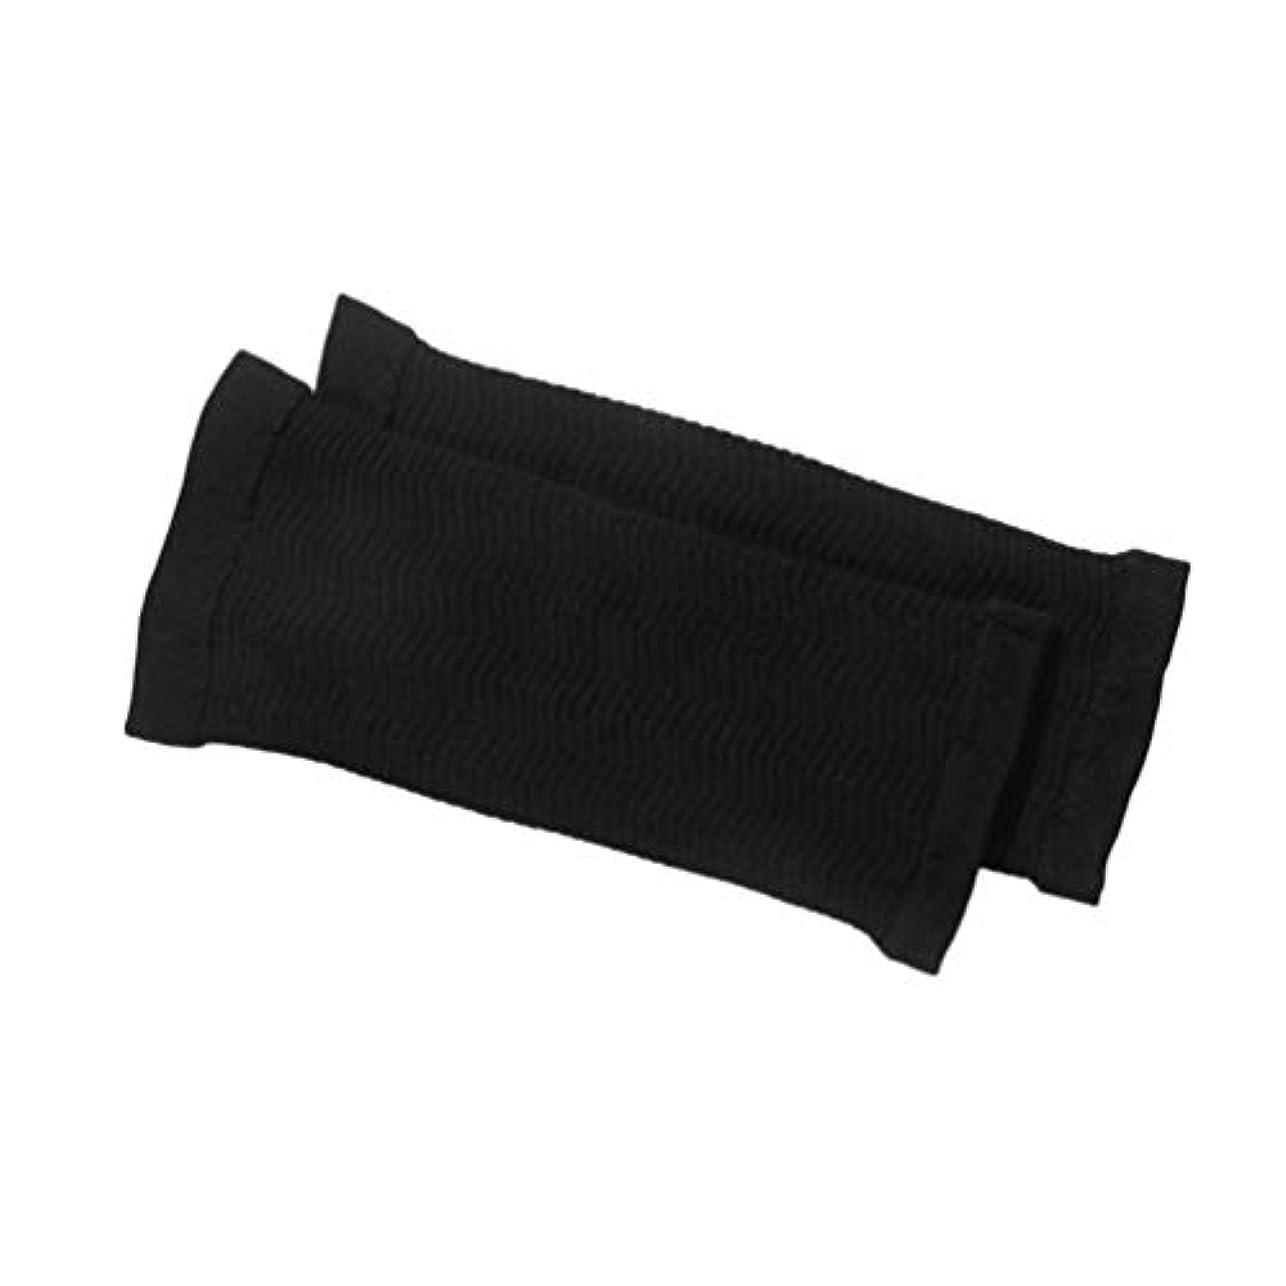 仮説化学並外れて1ペア420 D圧縮痩身アームスリーブワークアウトトーニングバーンセルライトシェイパー脂肪燃焼袖用女性 - 黒